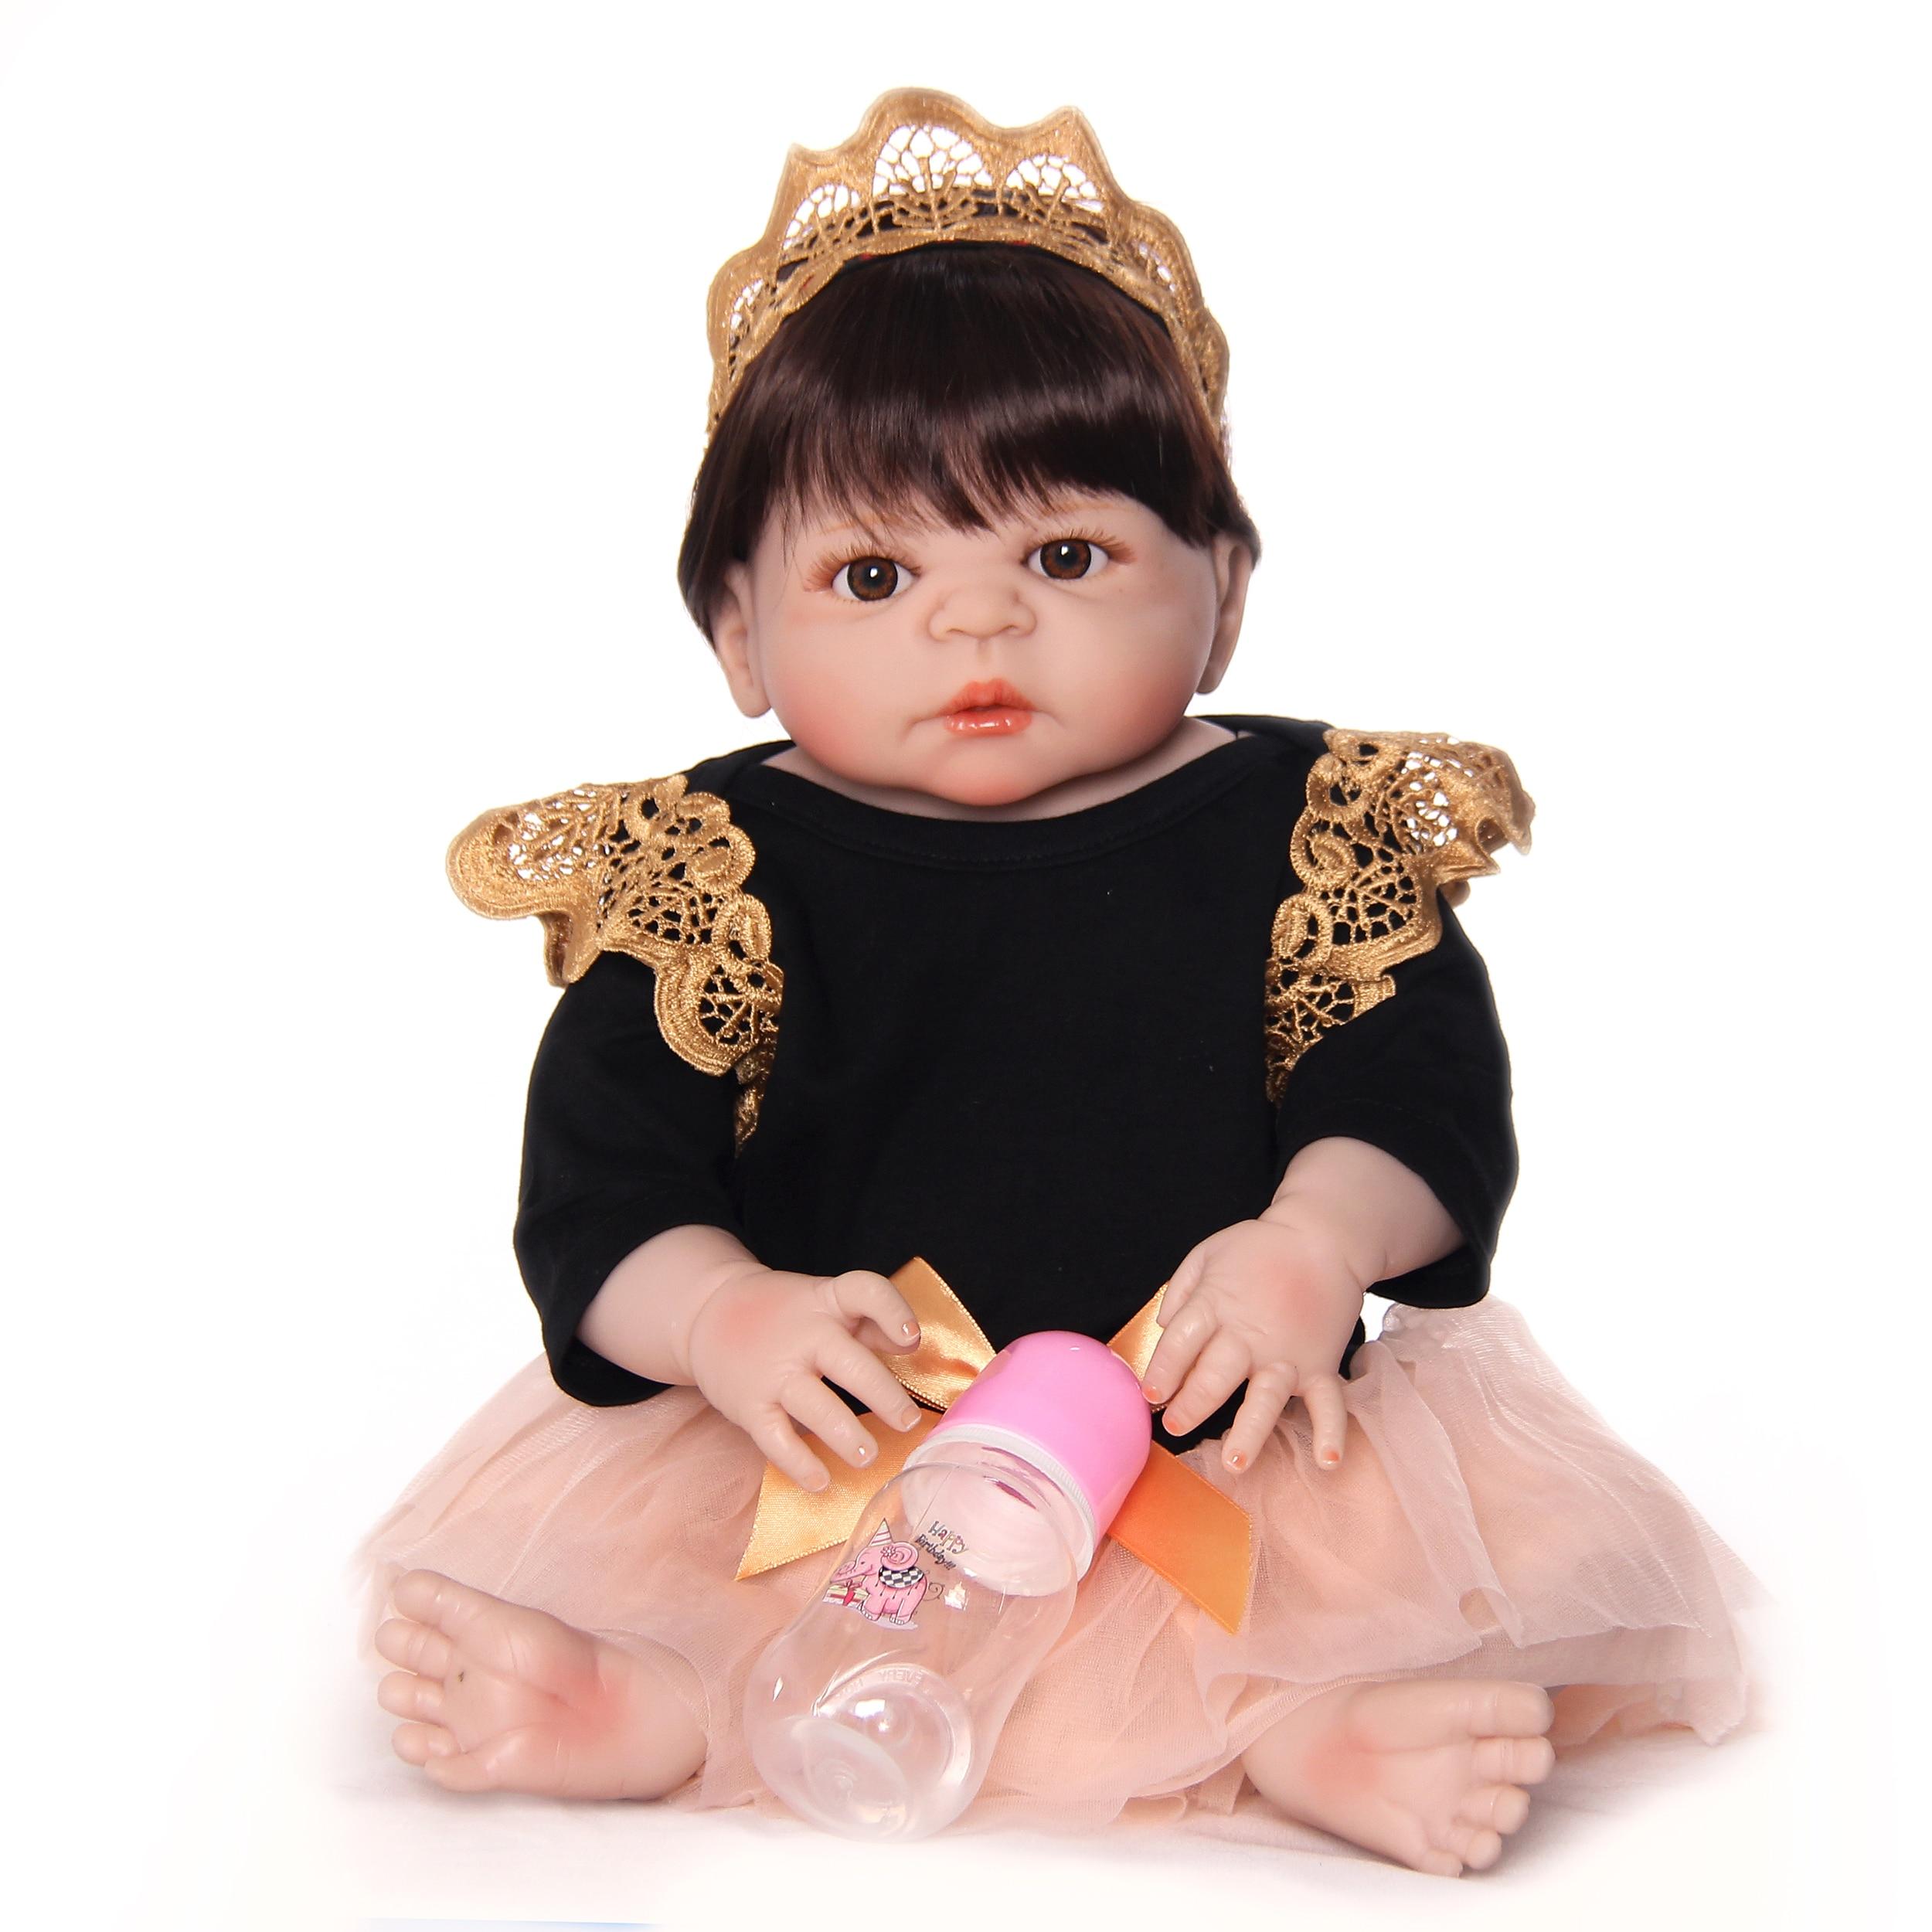 Neueste Stil Reborn Baby Puppen 23 Zoll Full Silikon Vinyl Handgemachte Neugeborenen Prinzessin Mädchen Puppe Spielzeug Für Verkauf Kinder Geburtstag geschenke-in Puppen aus Spielzeug und Hobbys bei  Gruppe 2